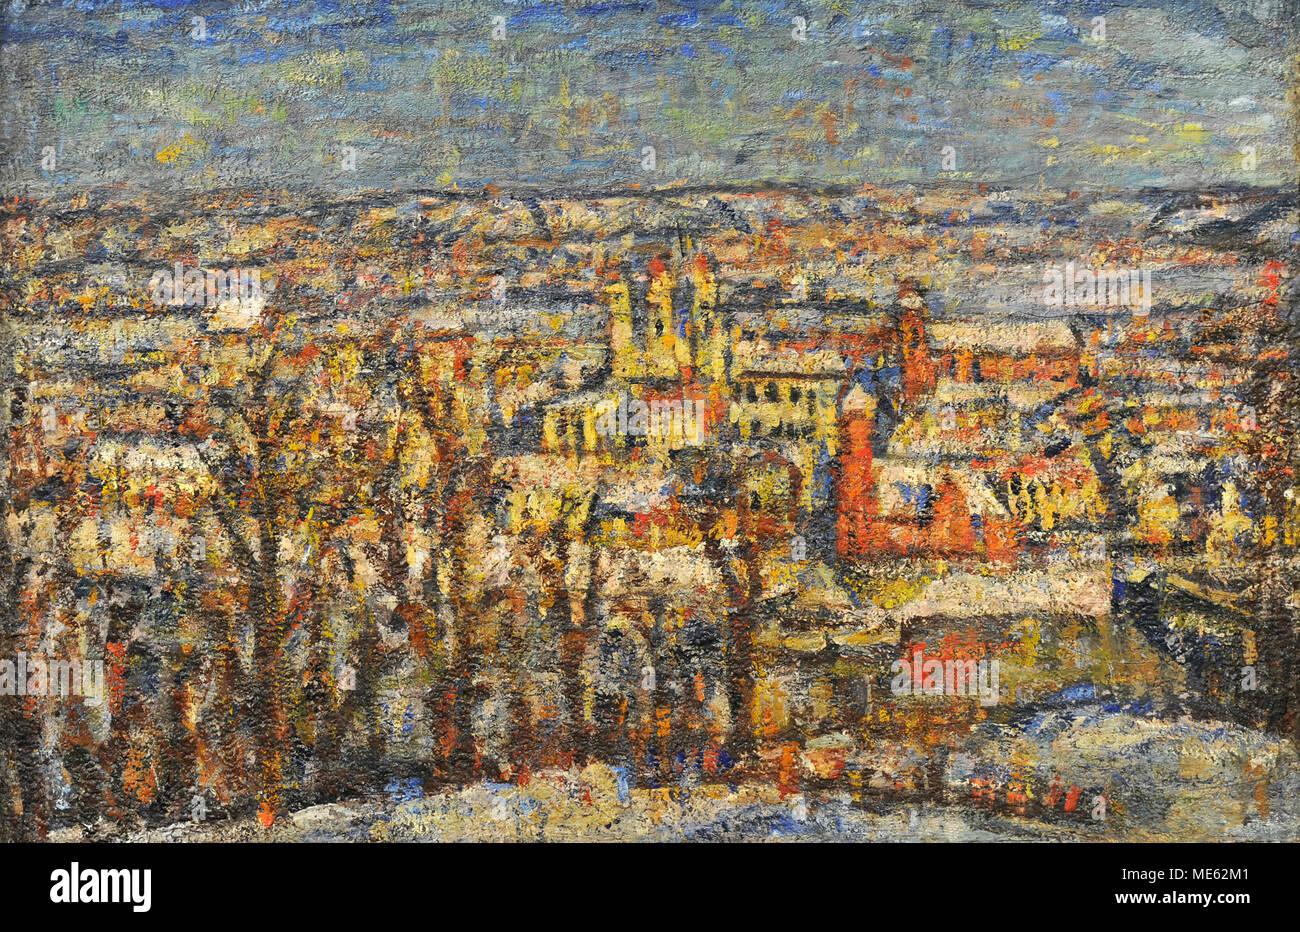 Vladas Eidukevicius (1891-1941). Litauische Maler. Panorama von Kaunas, nach 1935. National Gallery Kunst Vilnius. Litauen. Stockbild